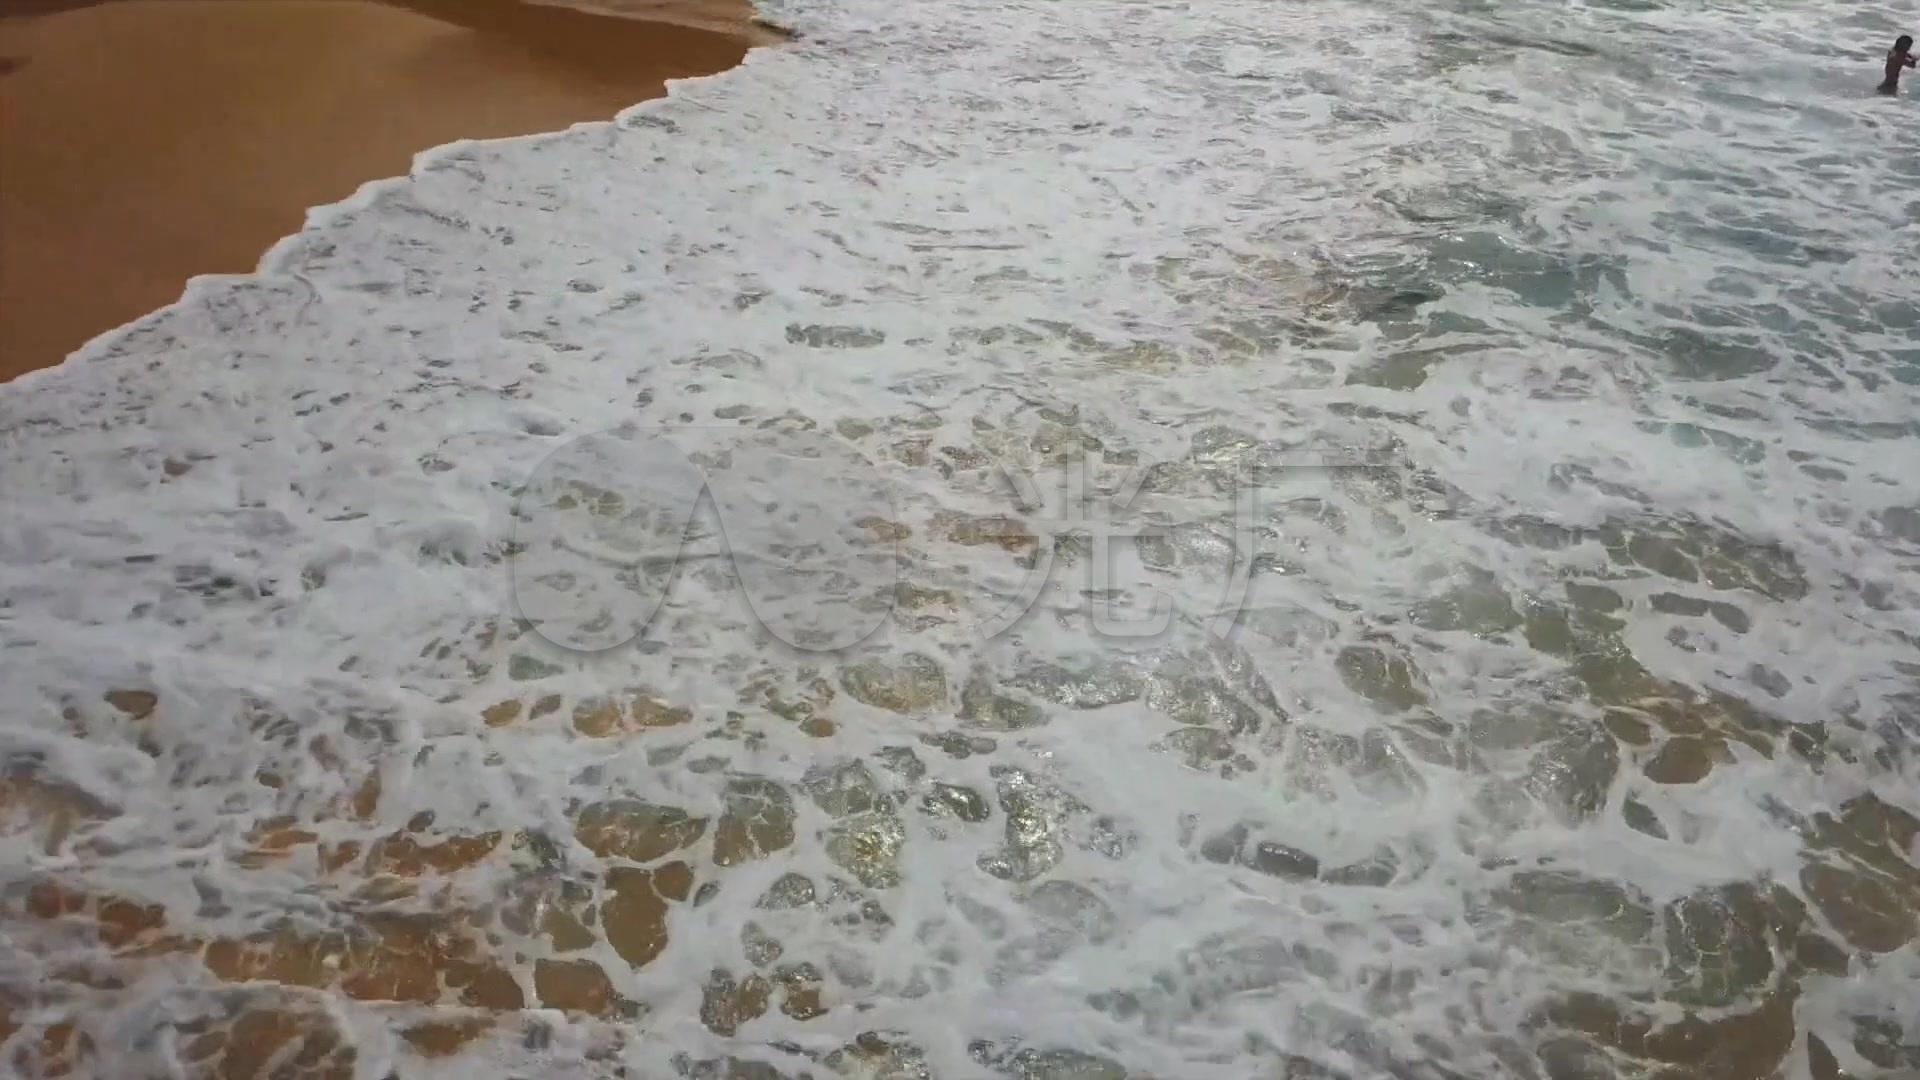 沙滩海滩大海性感美女v沙滩a沙滩_1920X1080_脱裤子番号++性感图片